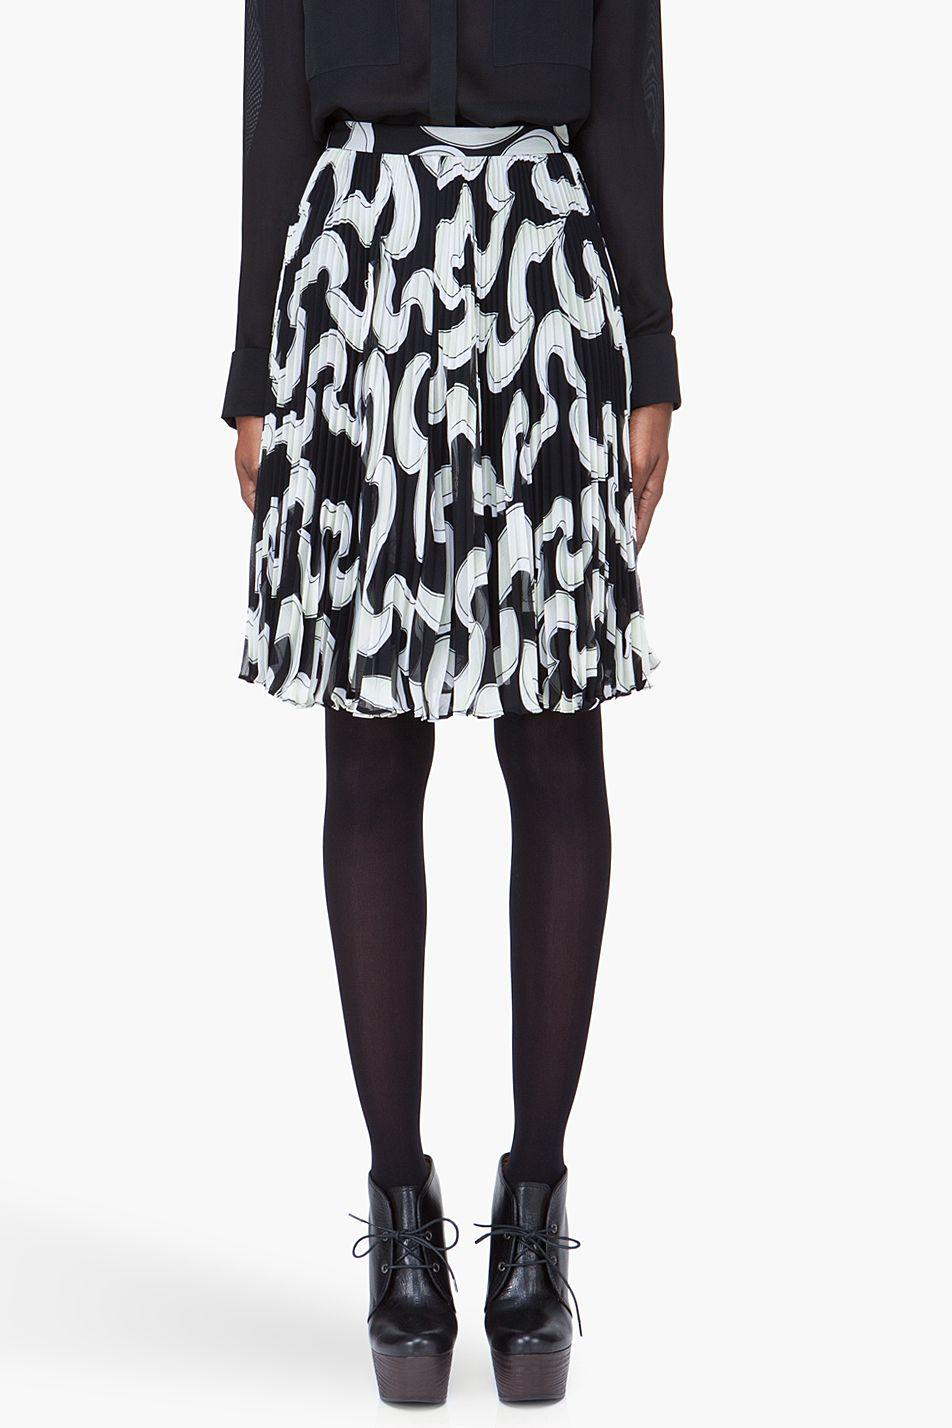 DIANE VON FURSTENBERG Grey Printed Pleated Trina Skirt